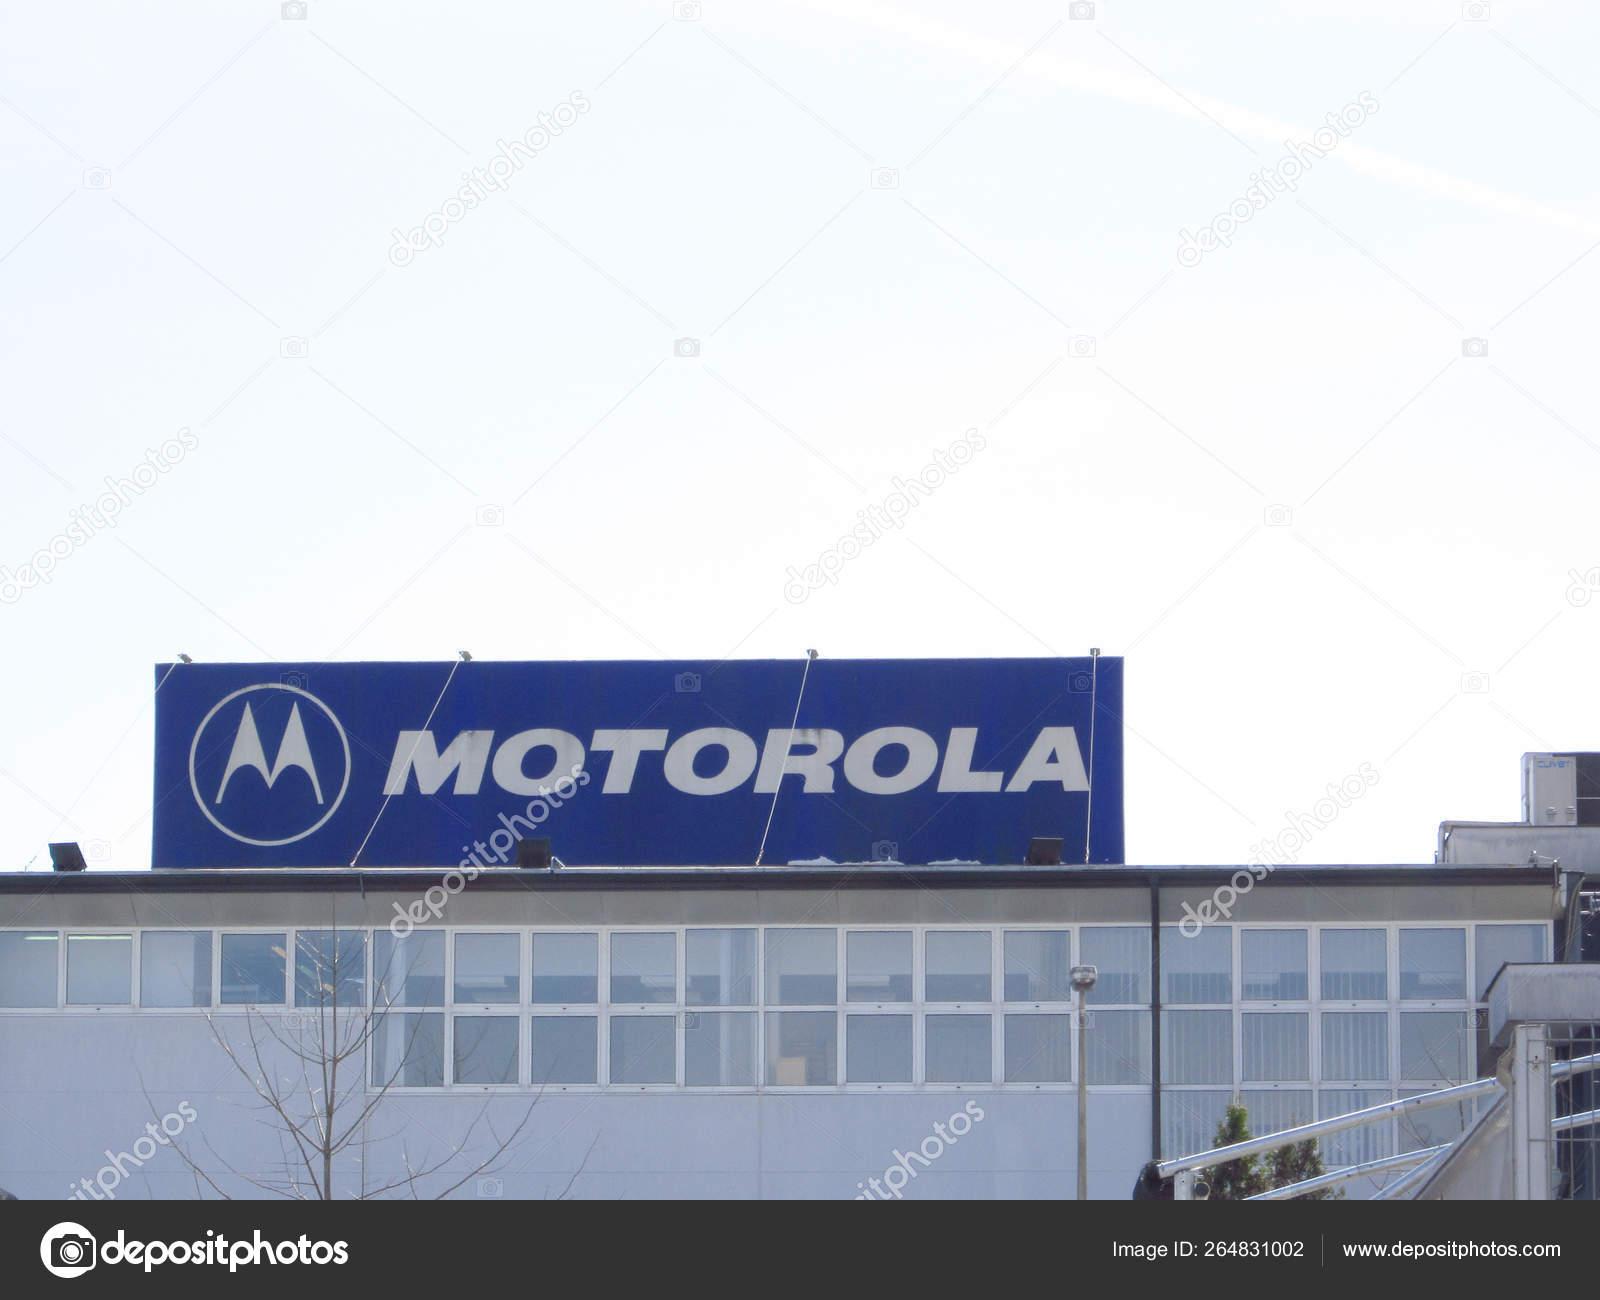 Motorola sign on a building – Стоковое редакционное фото